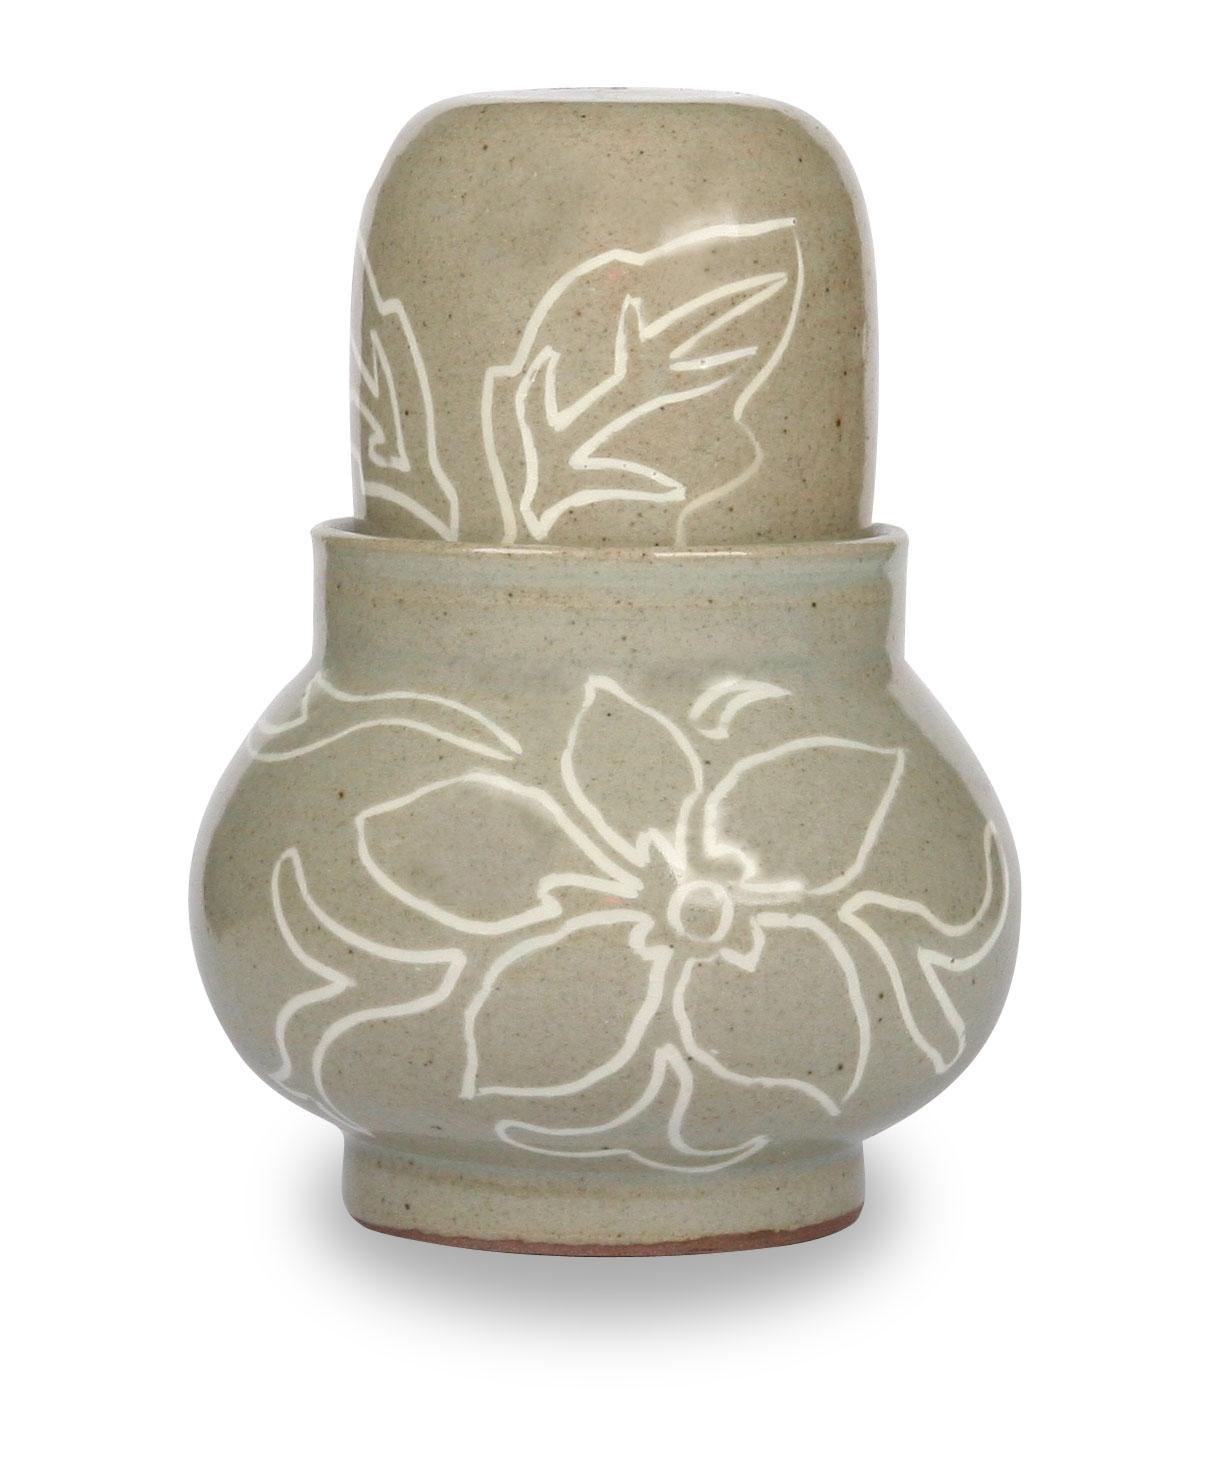 Fragrance ceramic  Made in Korea